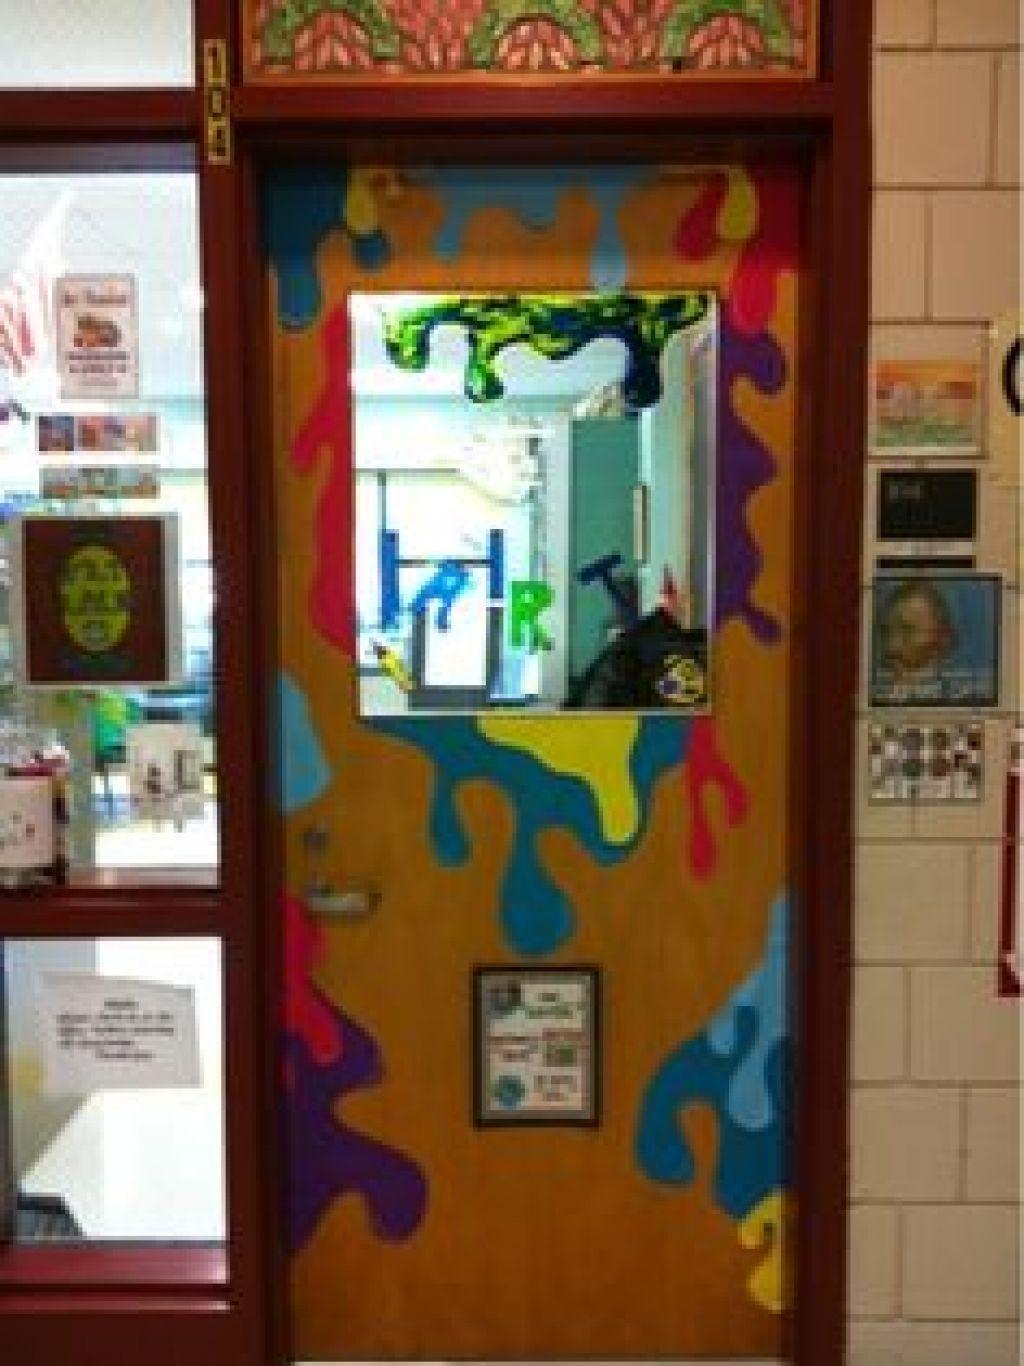 Door on pinterest art classroom classroom door and art room rules